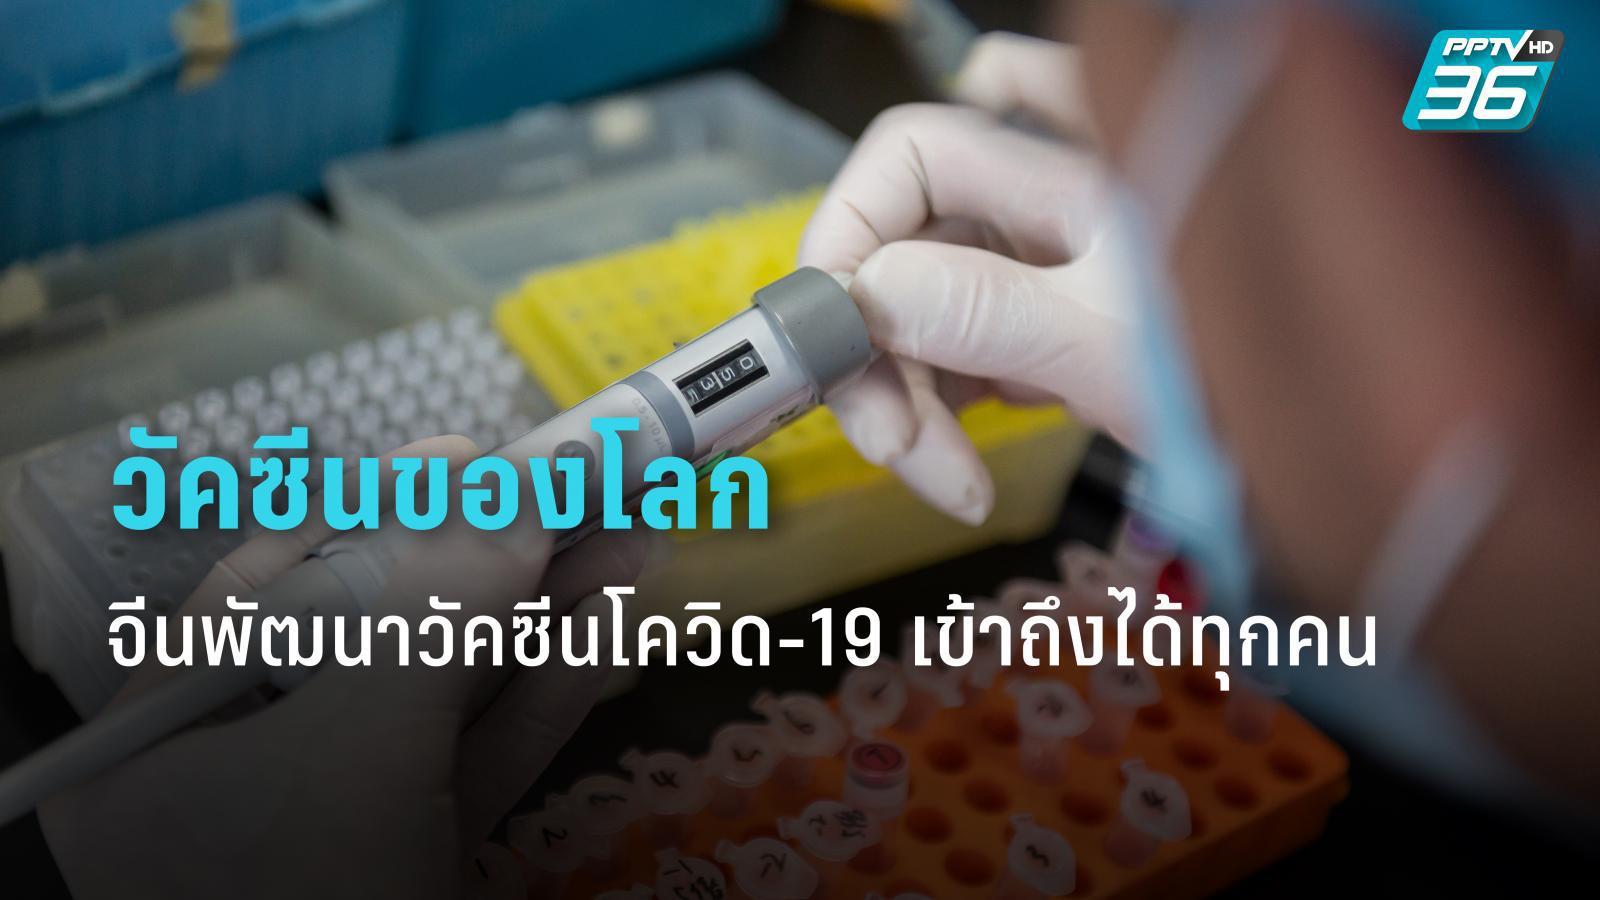 จีน พร้อมดัน วัคซีนโควิด-19 เข้าถึงทุกคนในราคาไม่แพง